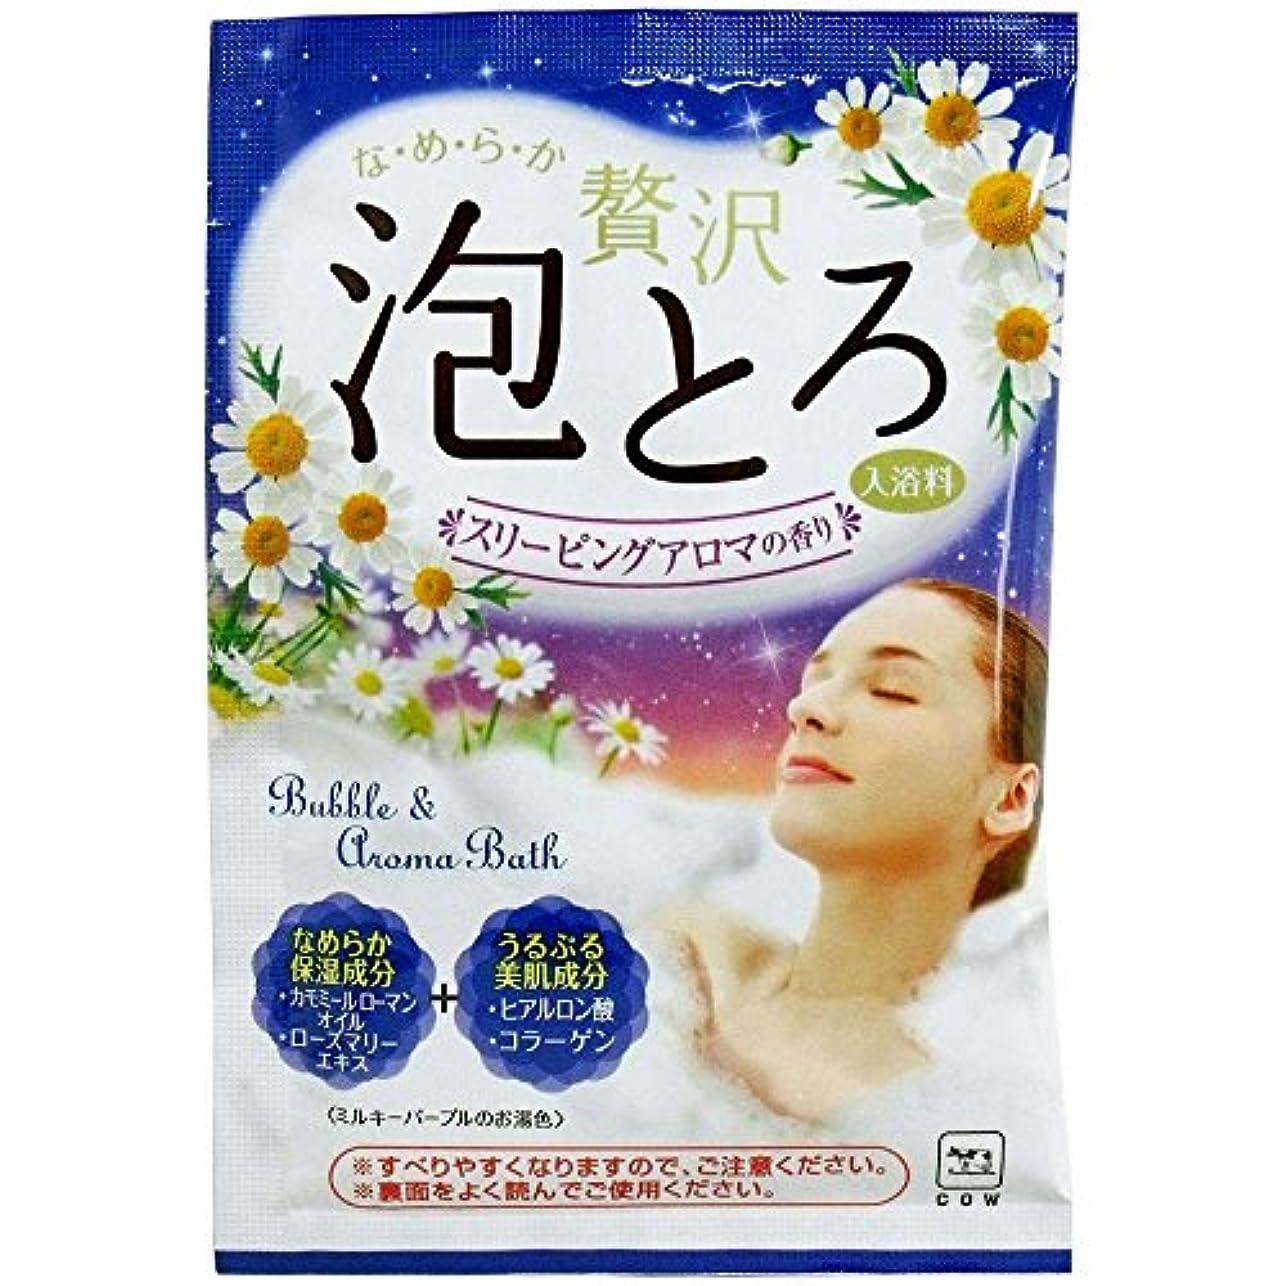 失望保有者牛乳石鹸共進社 お湯物語 贅沢泡とろ 入浴料 スリーピングアロマの香り 30g